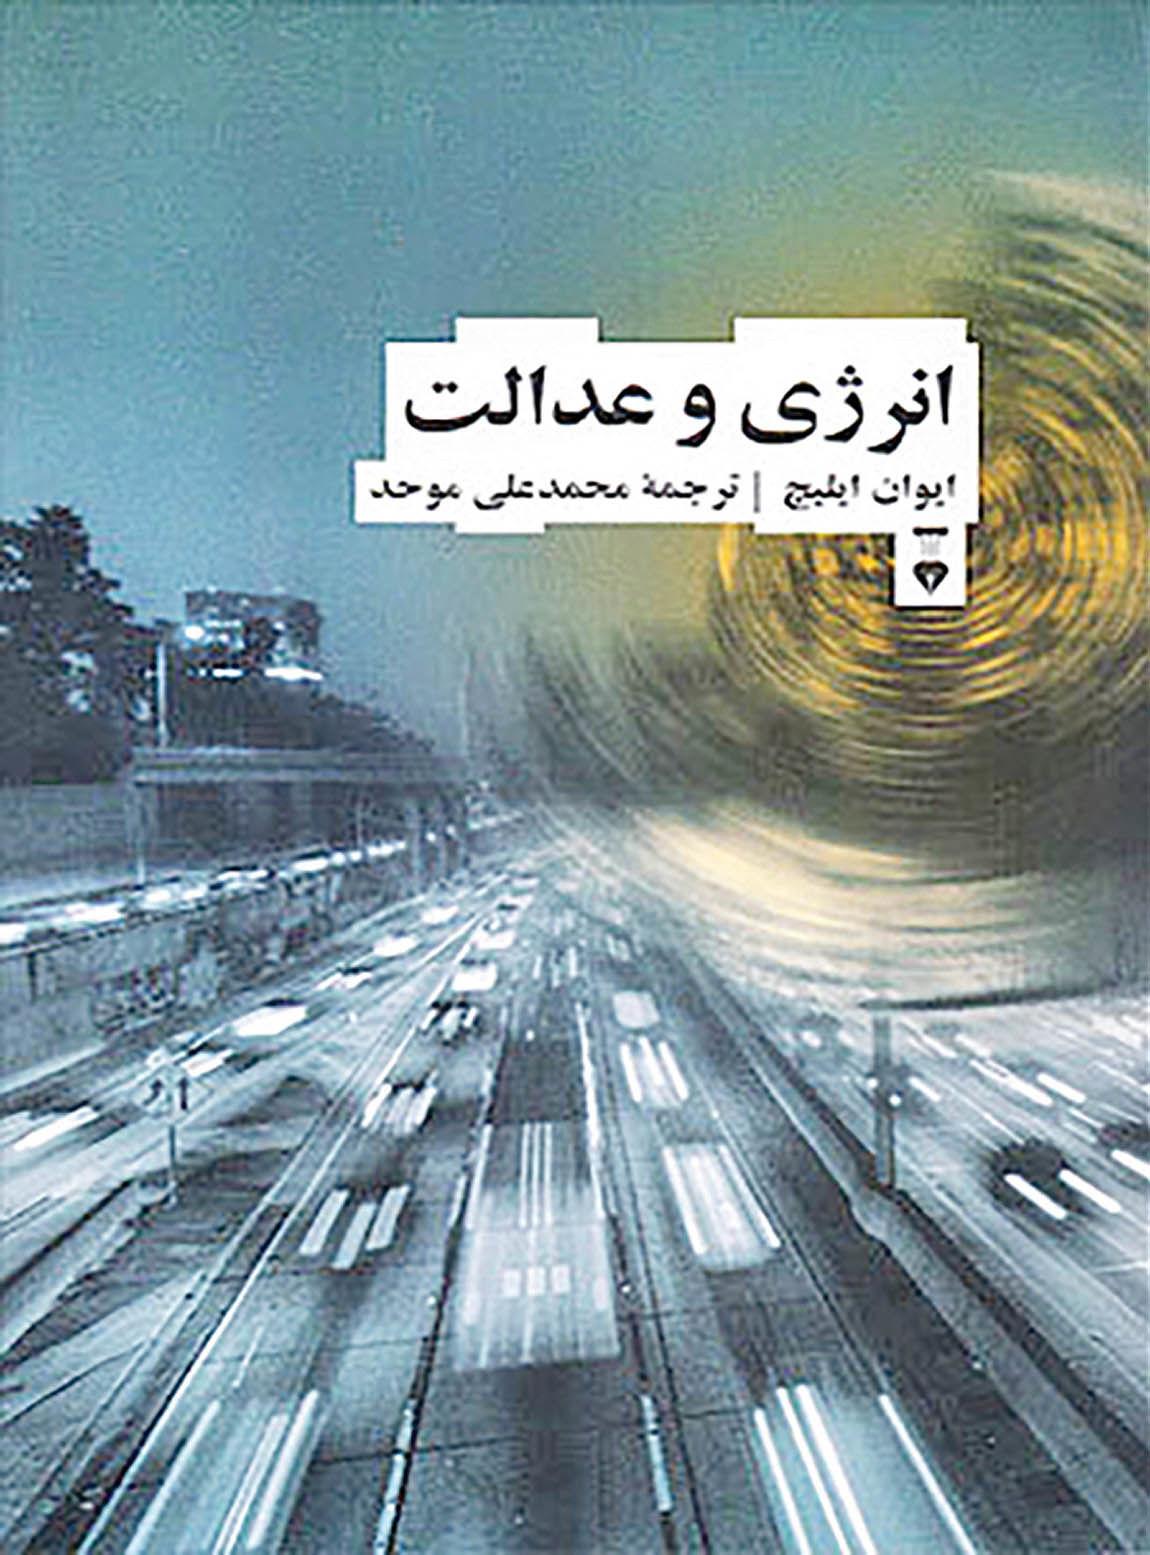 انتشار «انرژی و عدالت» با ترجمه محمد علی موحد